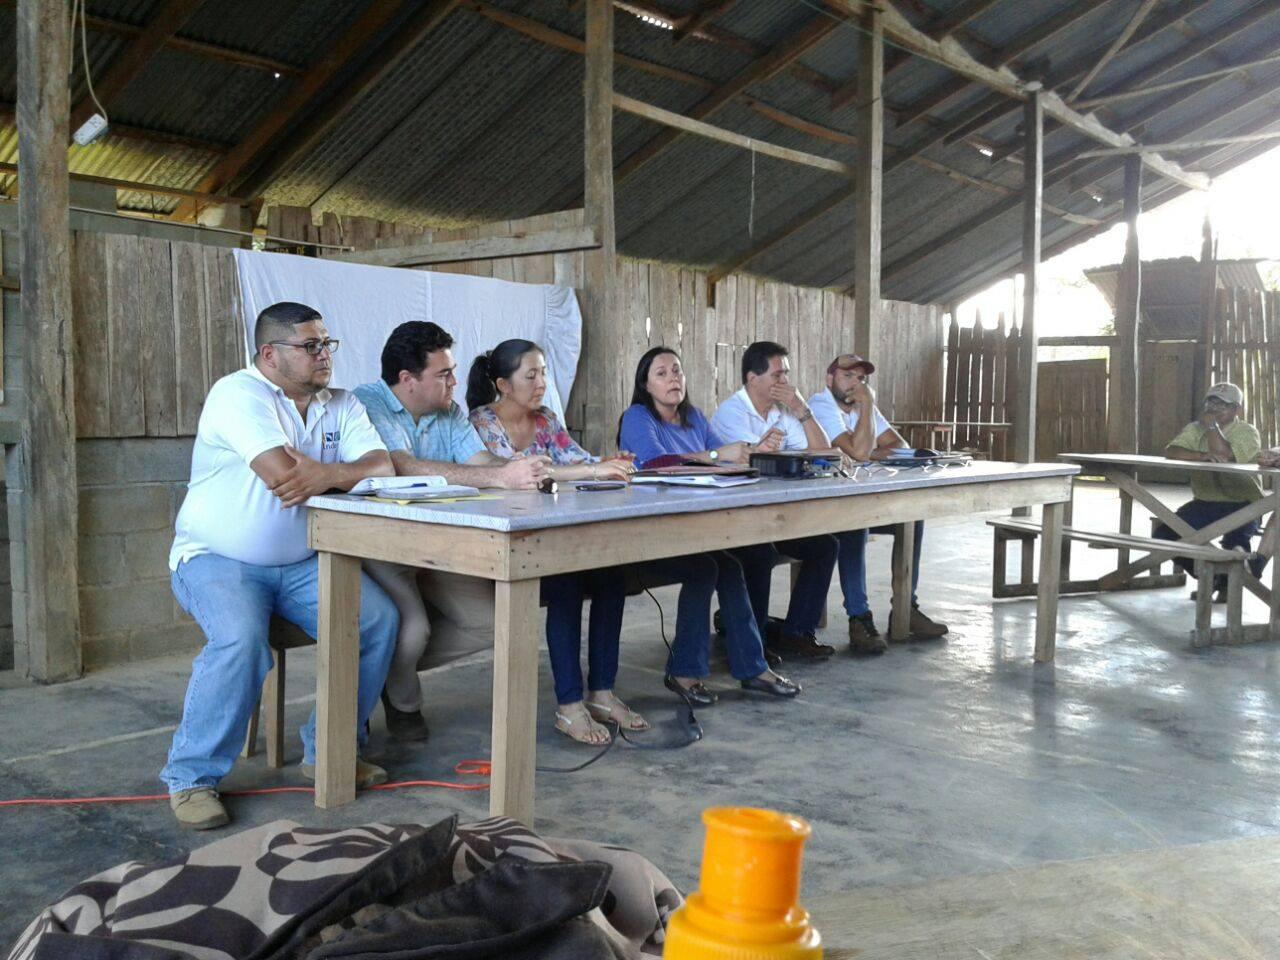 En Moravia de Cutris, reunión para darle seguimiento al proyecto de la cooperativa de quesos